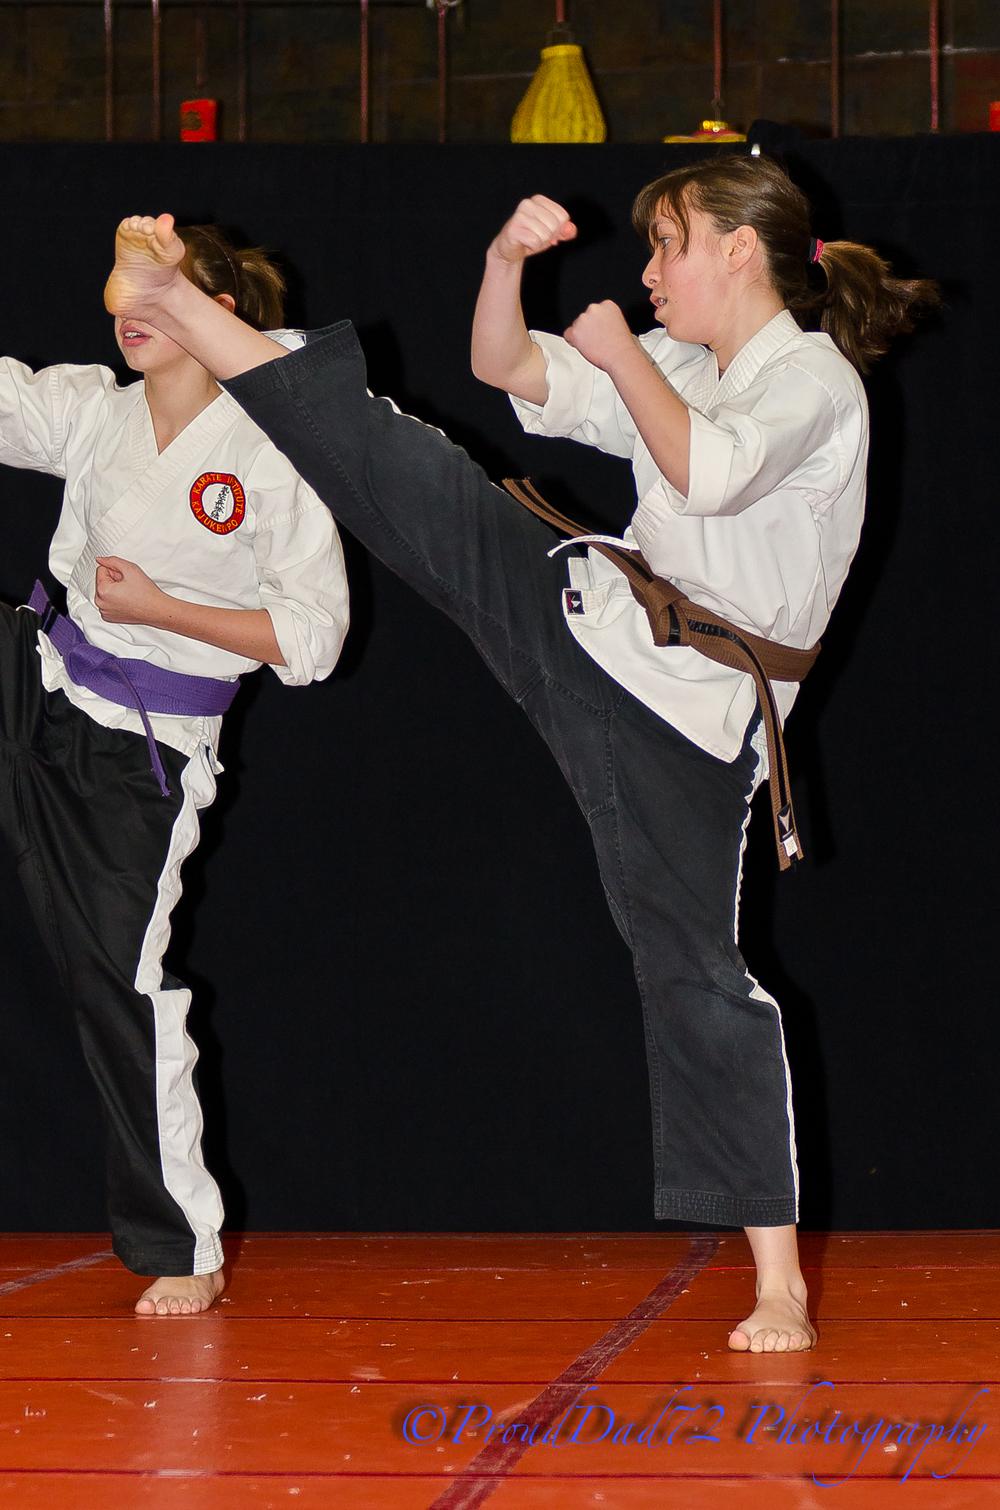 karate1-21-2012-5.jpg